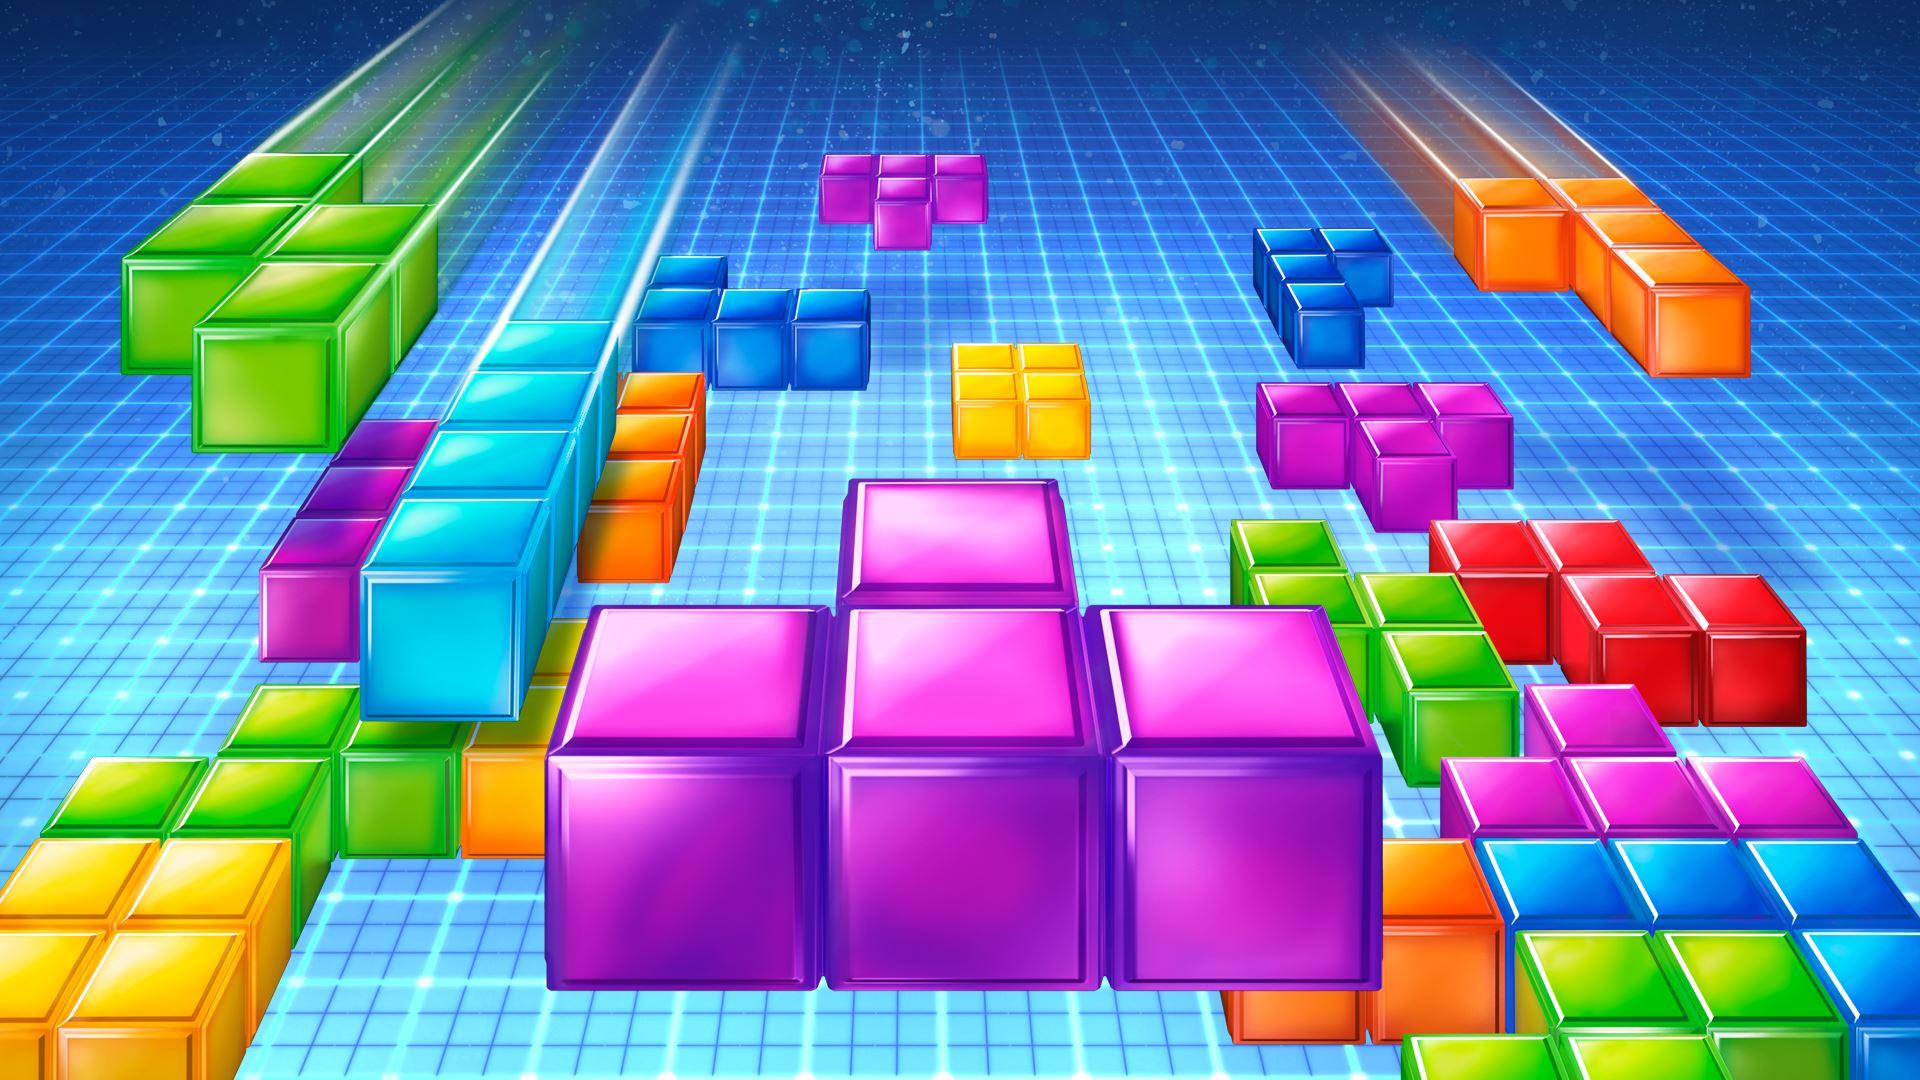 Αποτέλεσμα εικόνας για Tetris